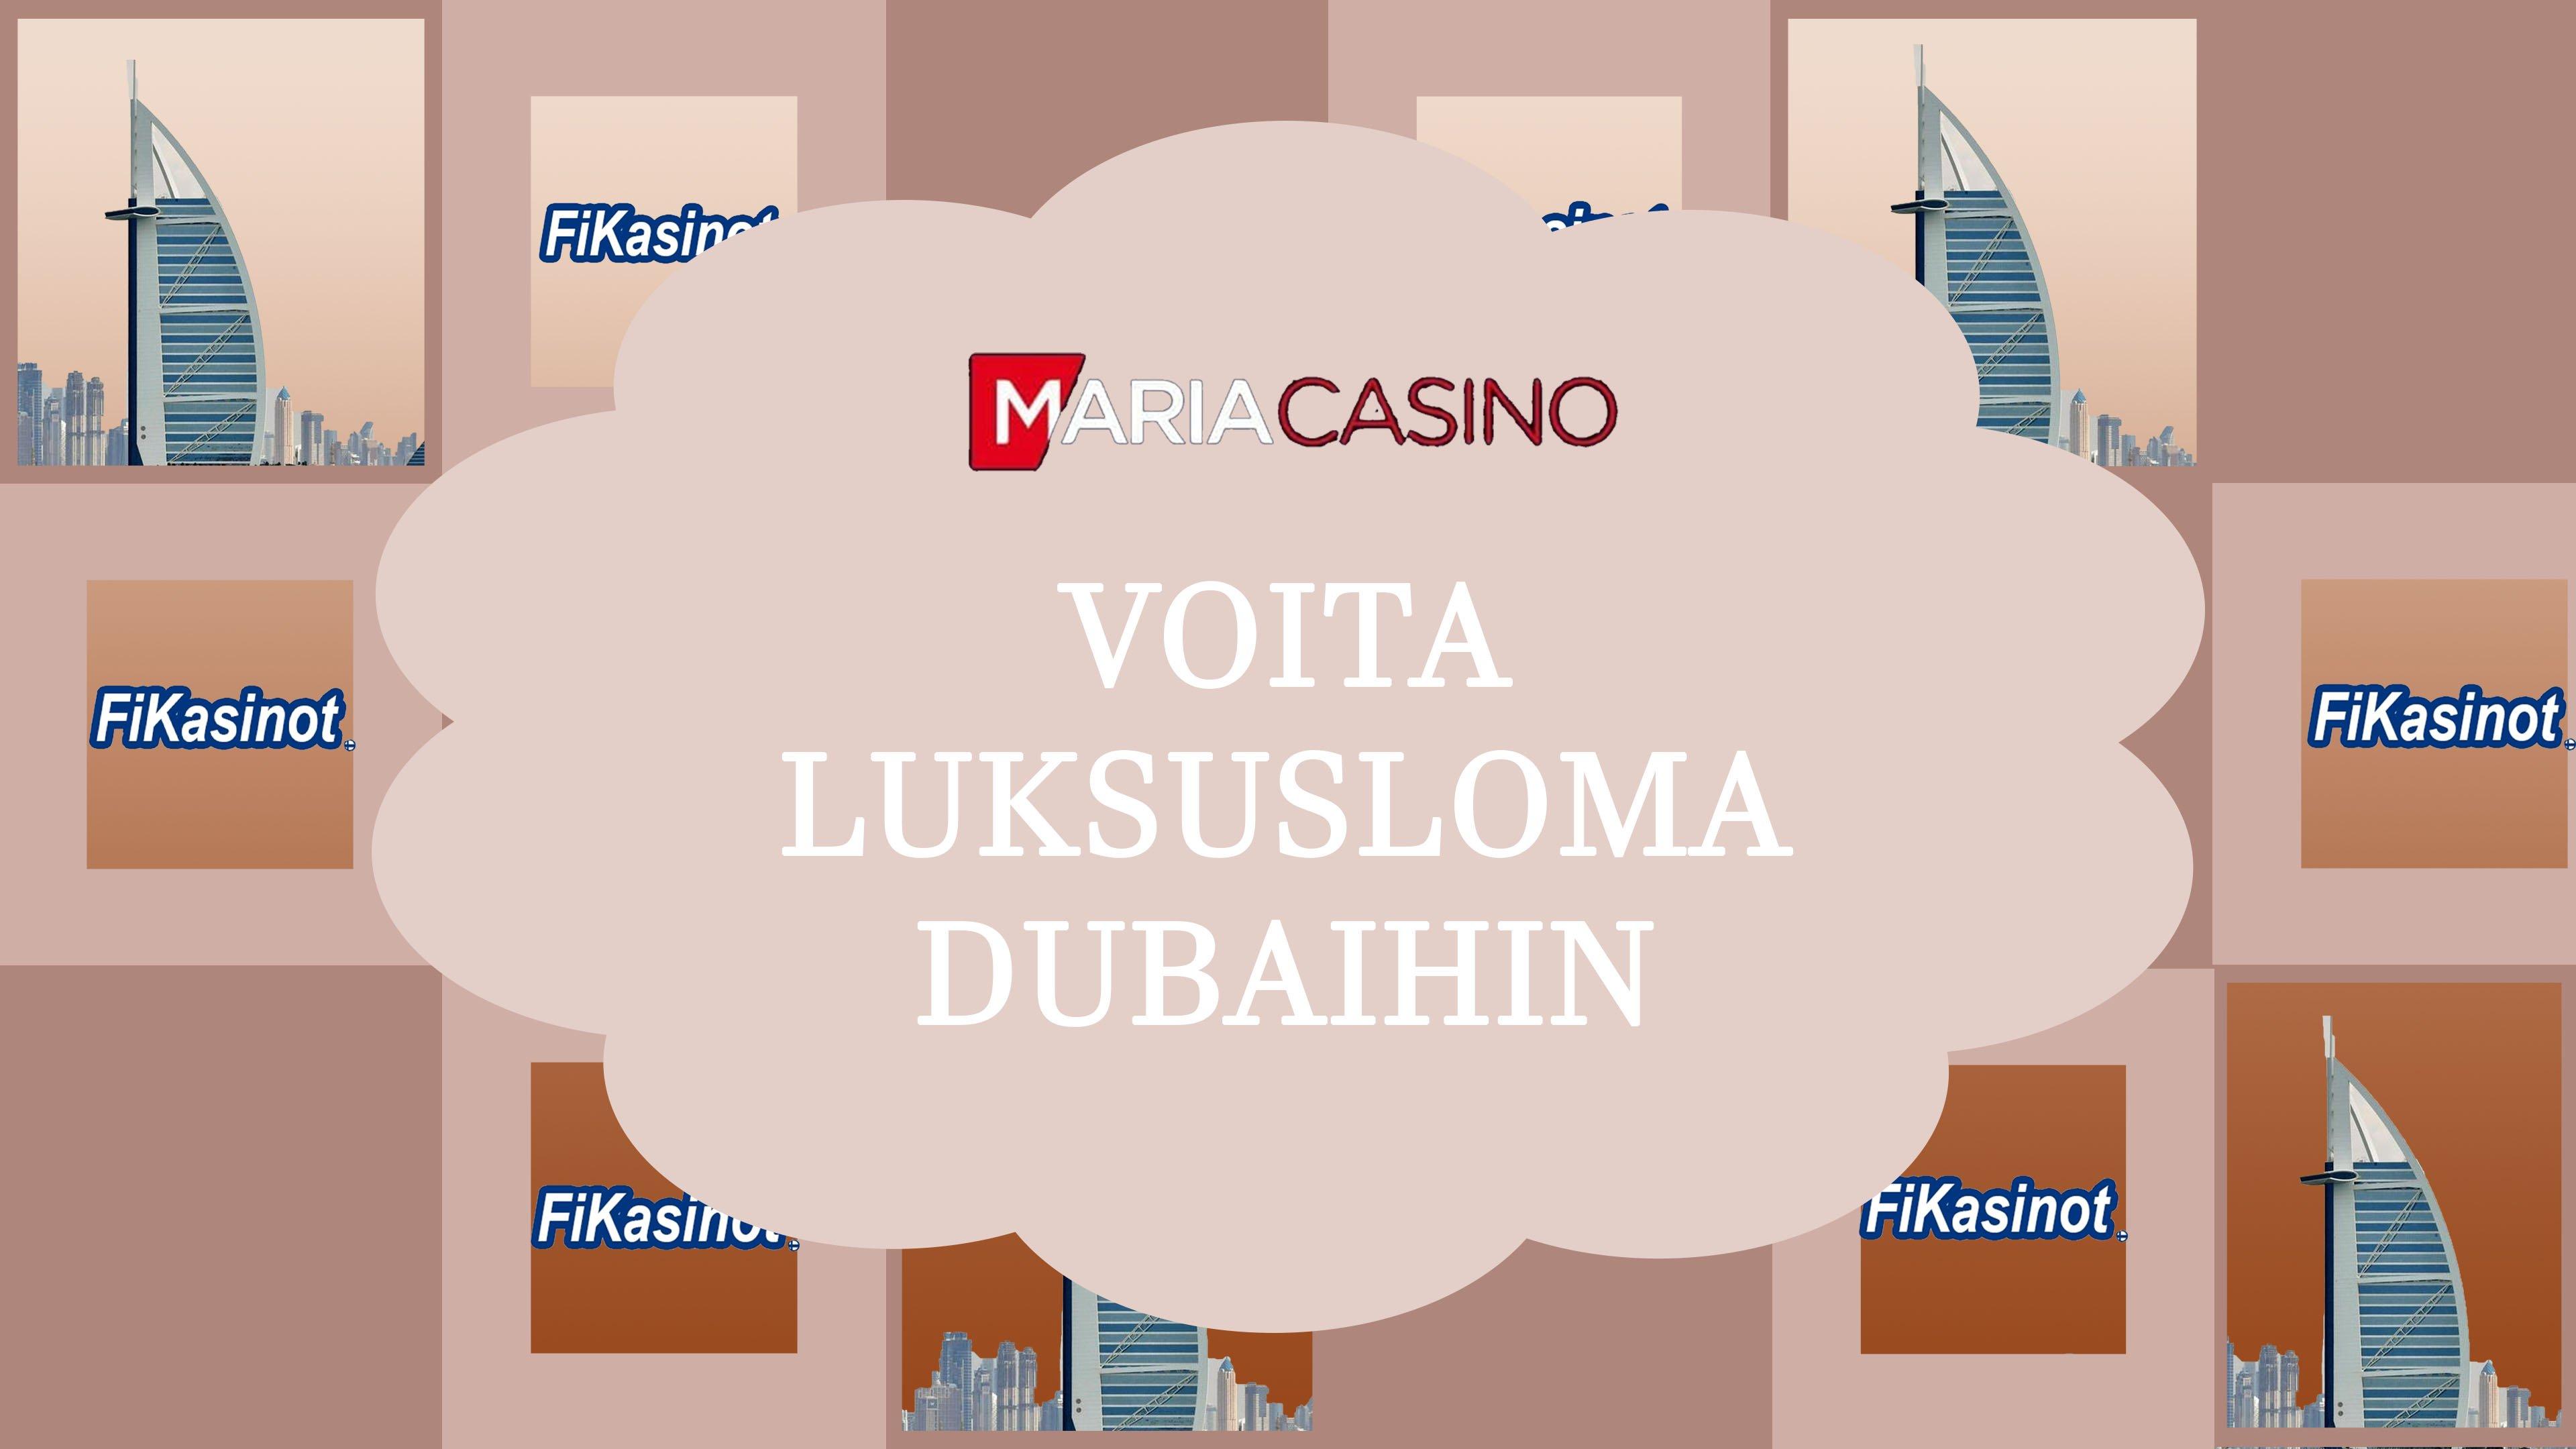 Voita luksusloma Dubaihin